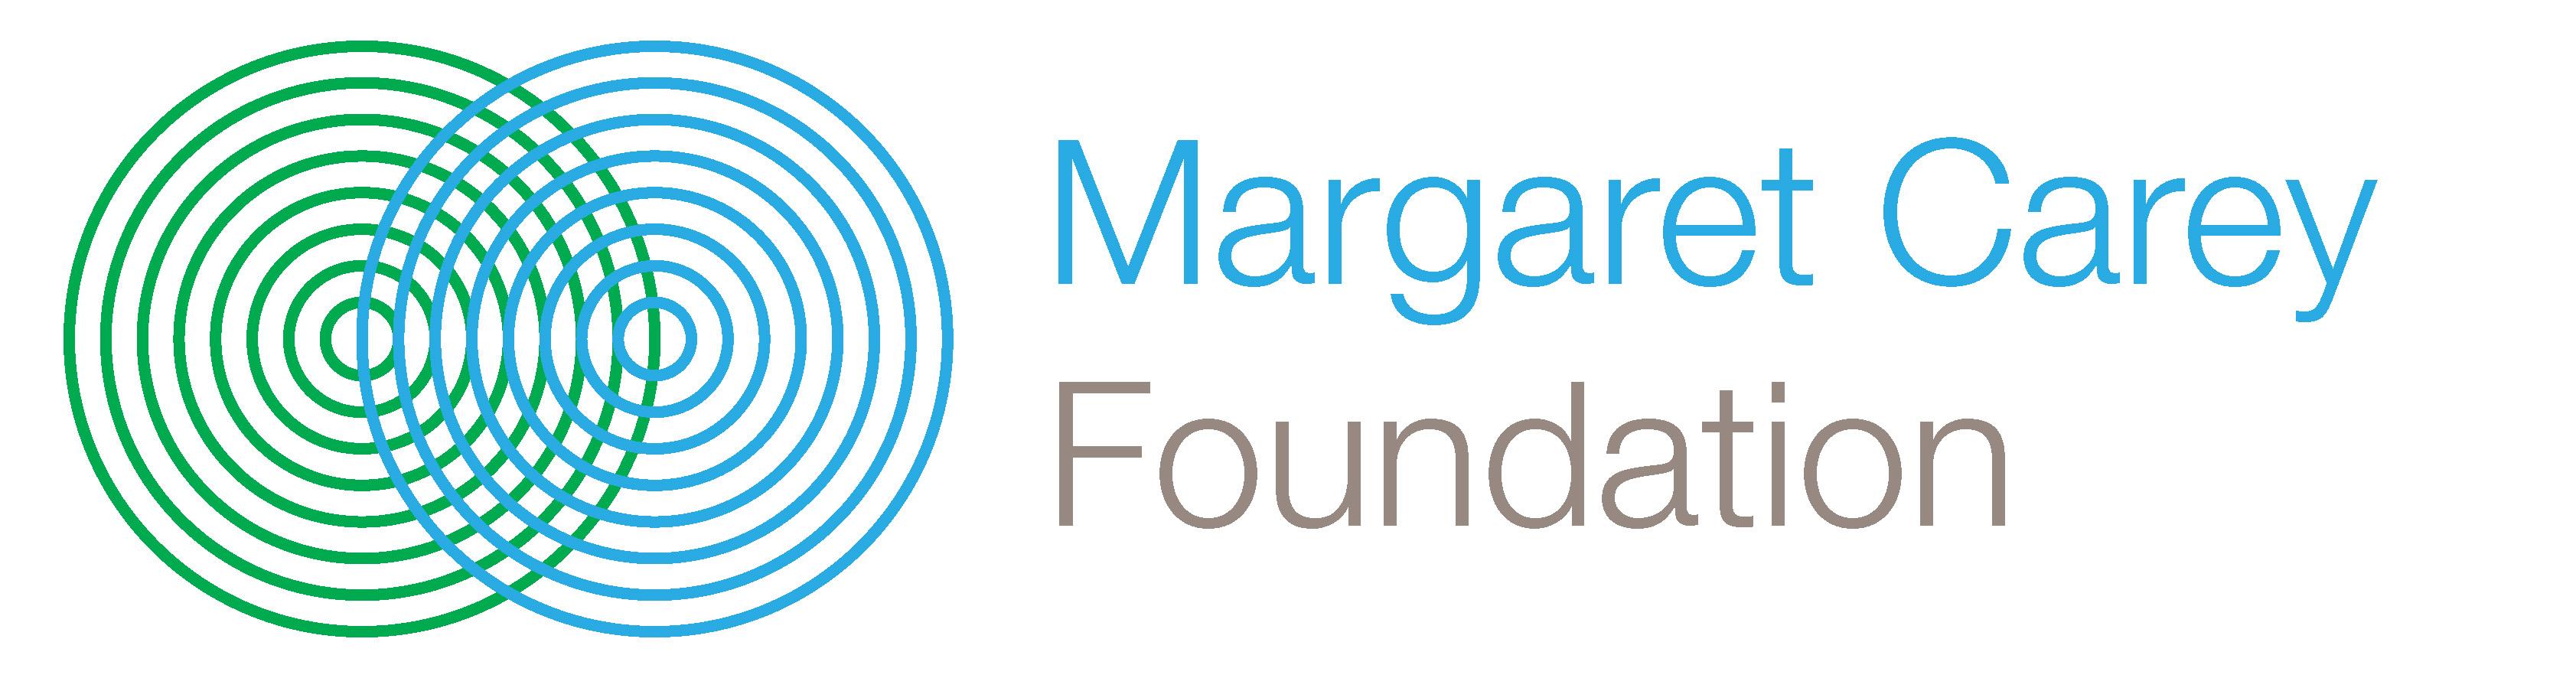 Margaret Cary Foundation